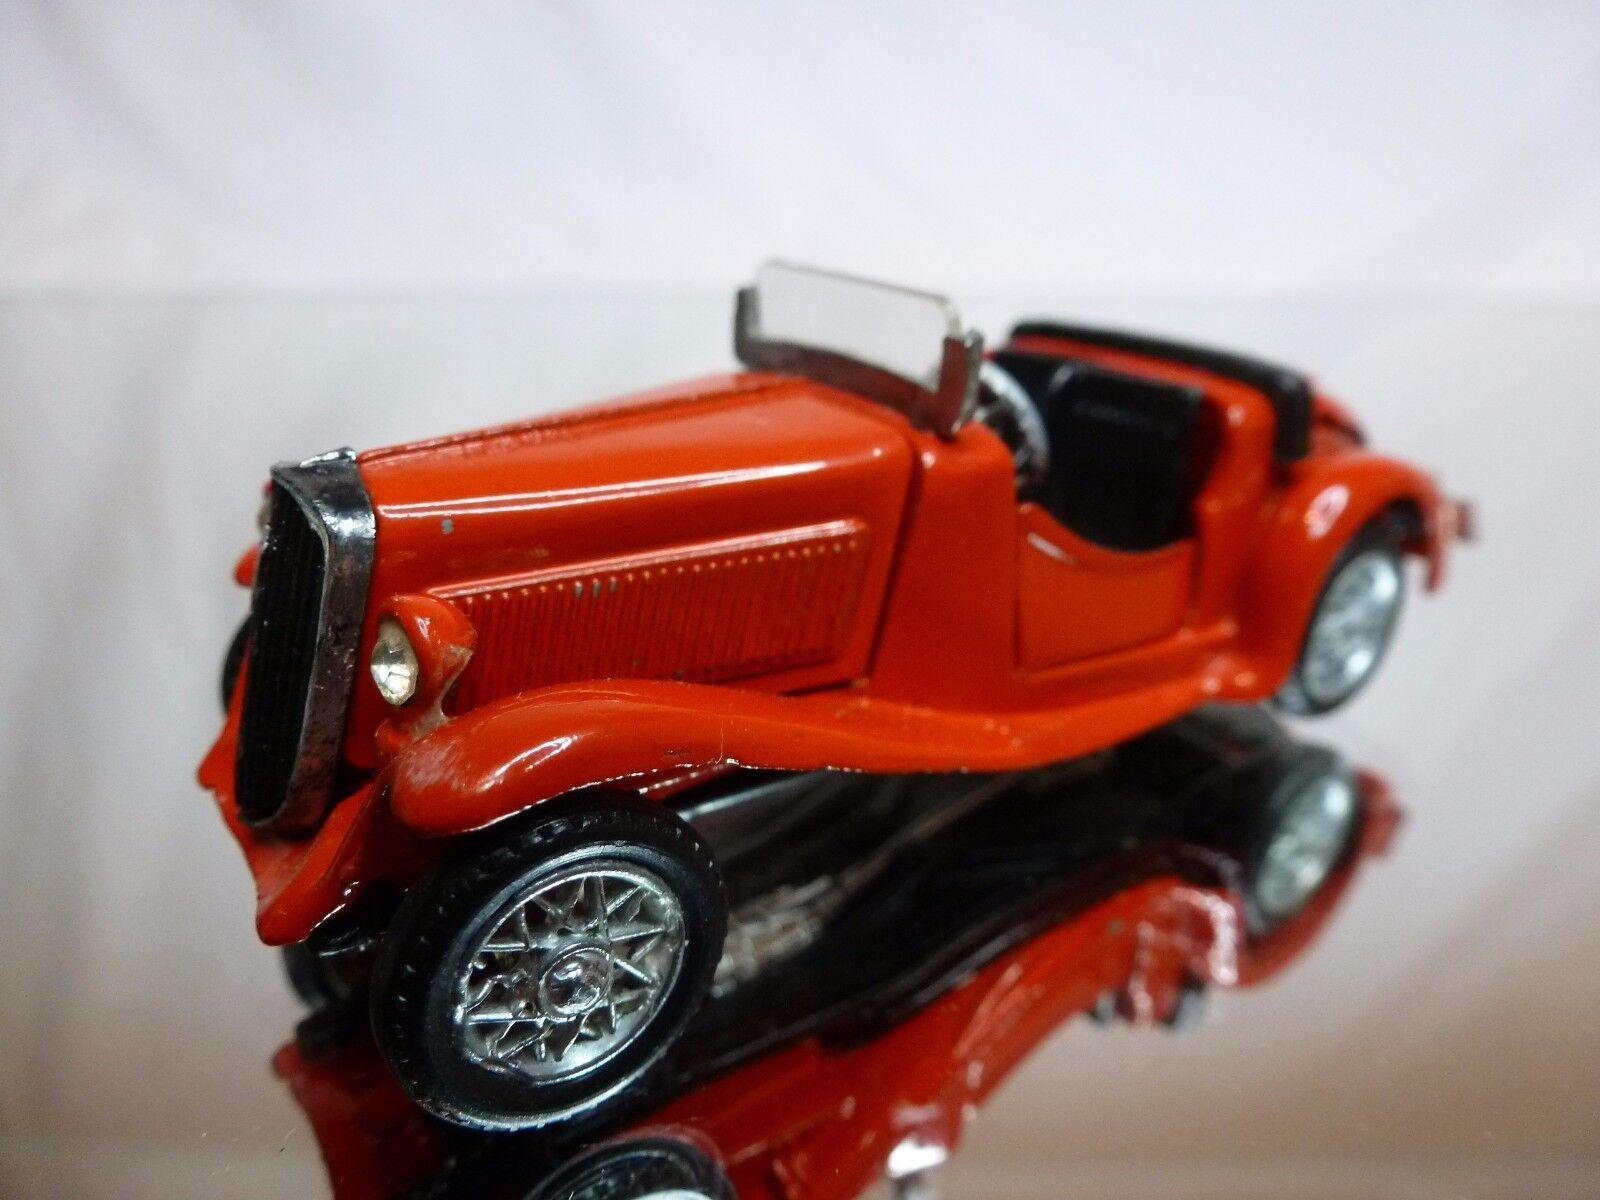 METAL KIT (built) FIAT 508 BALILLA CABRIOLET - rojo 1 43 - GOOD CONDITION